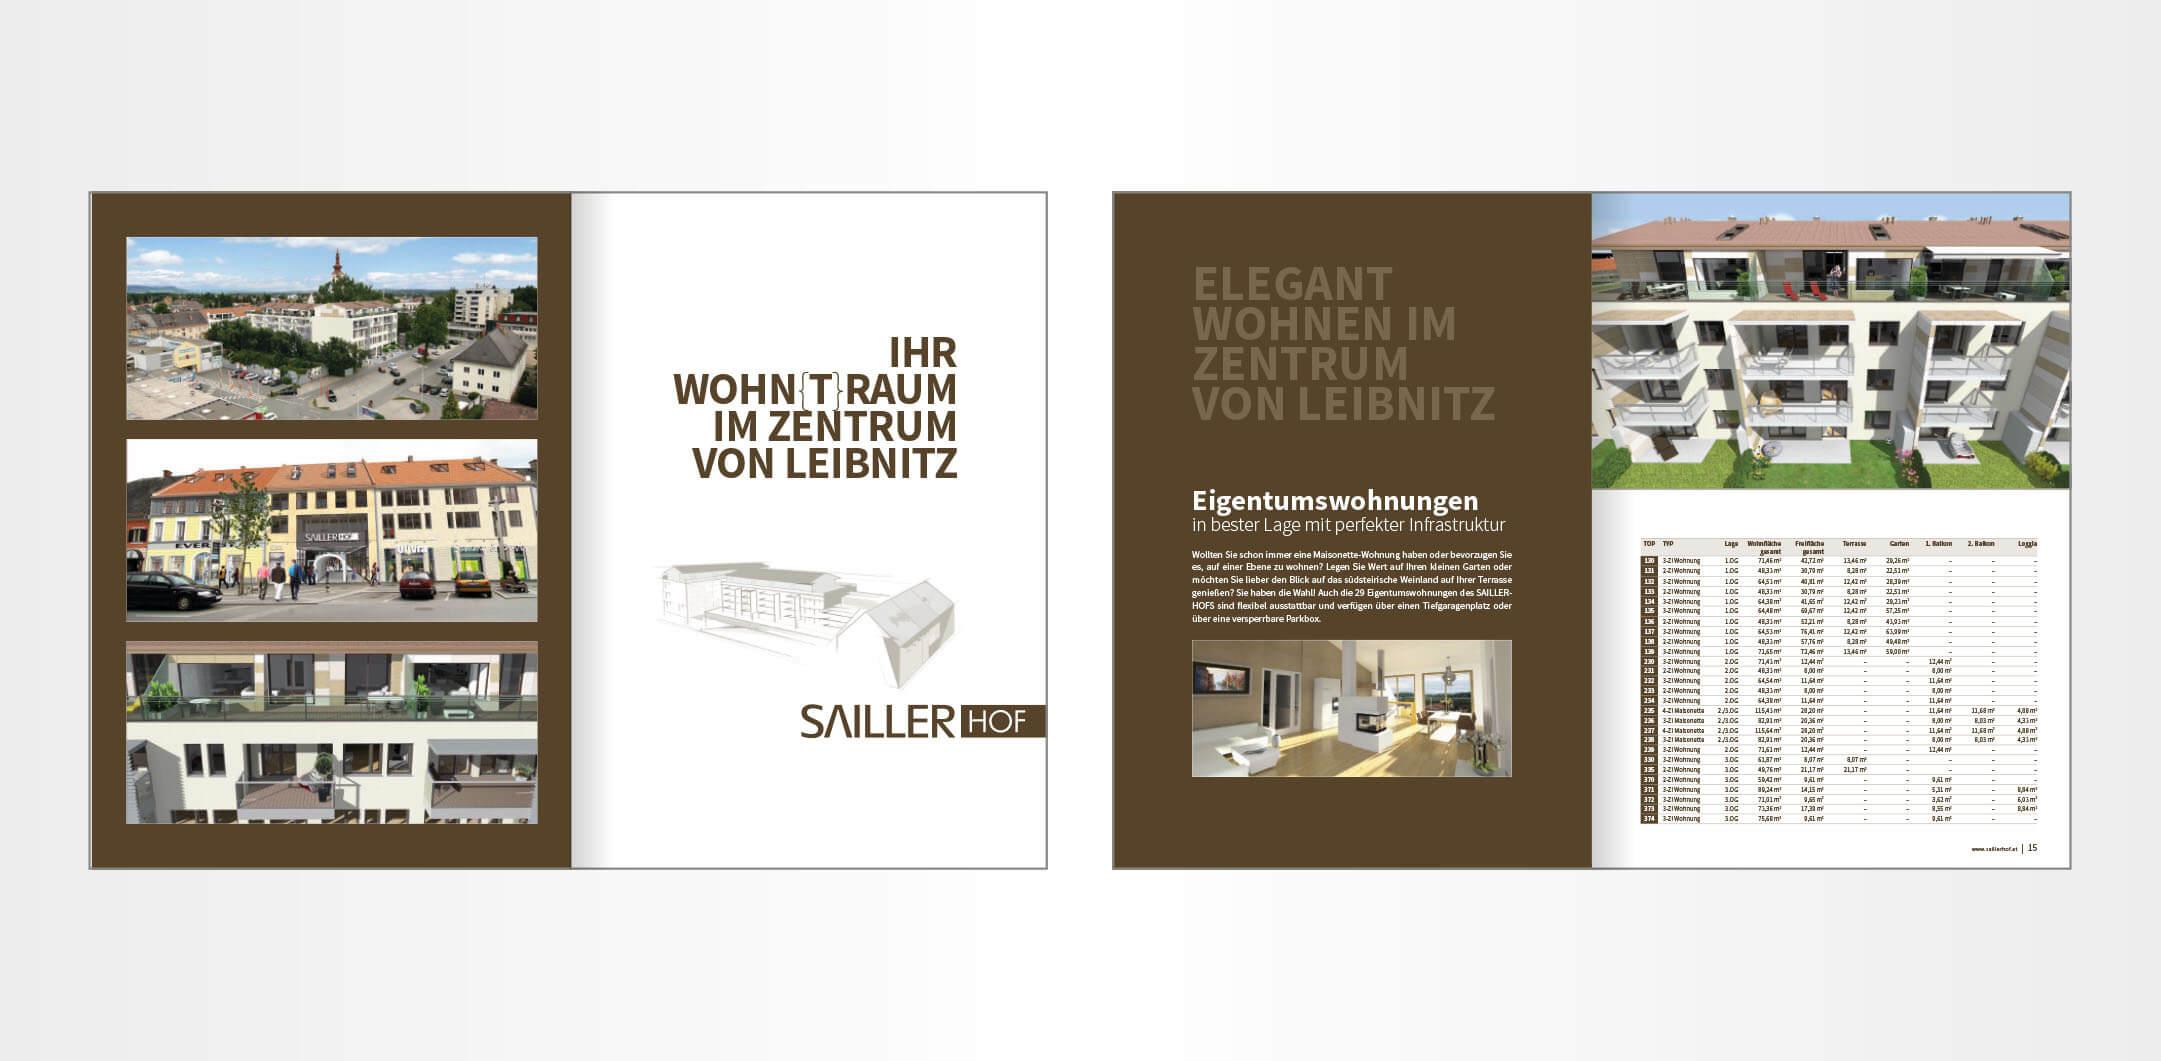 Saillerhof-03